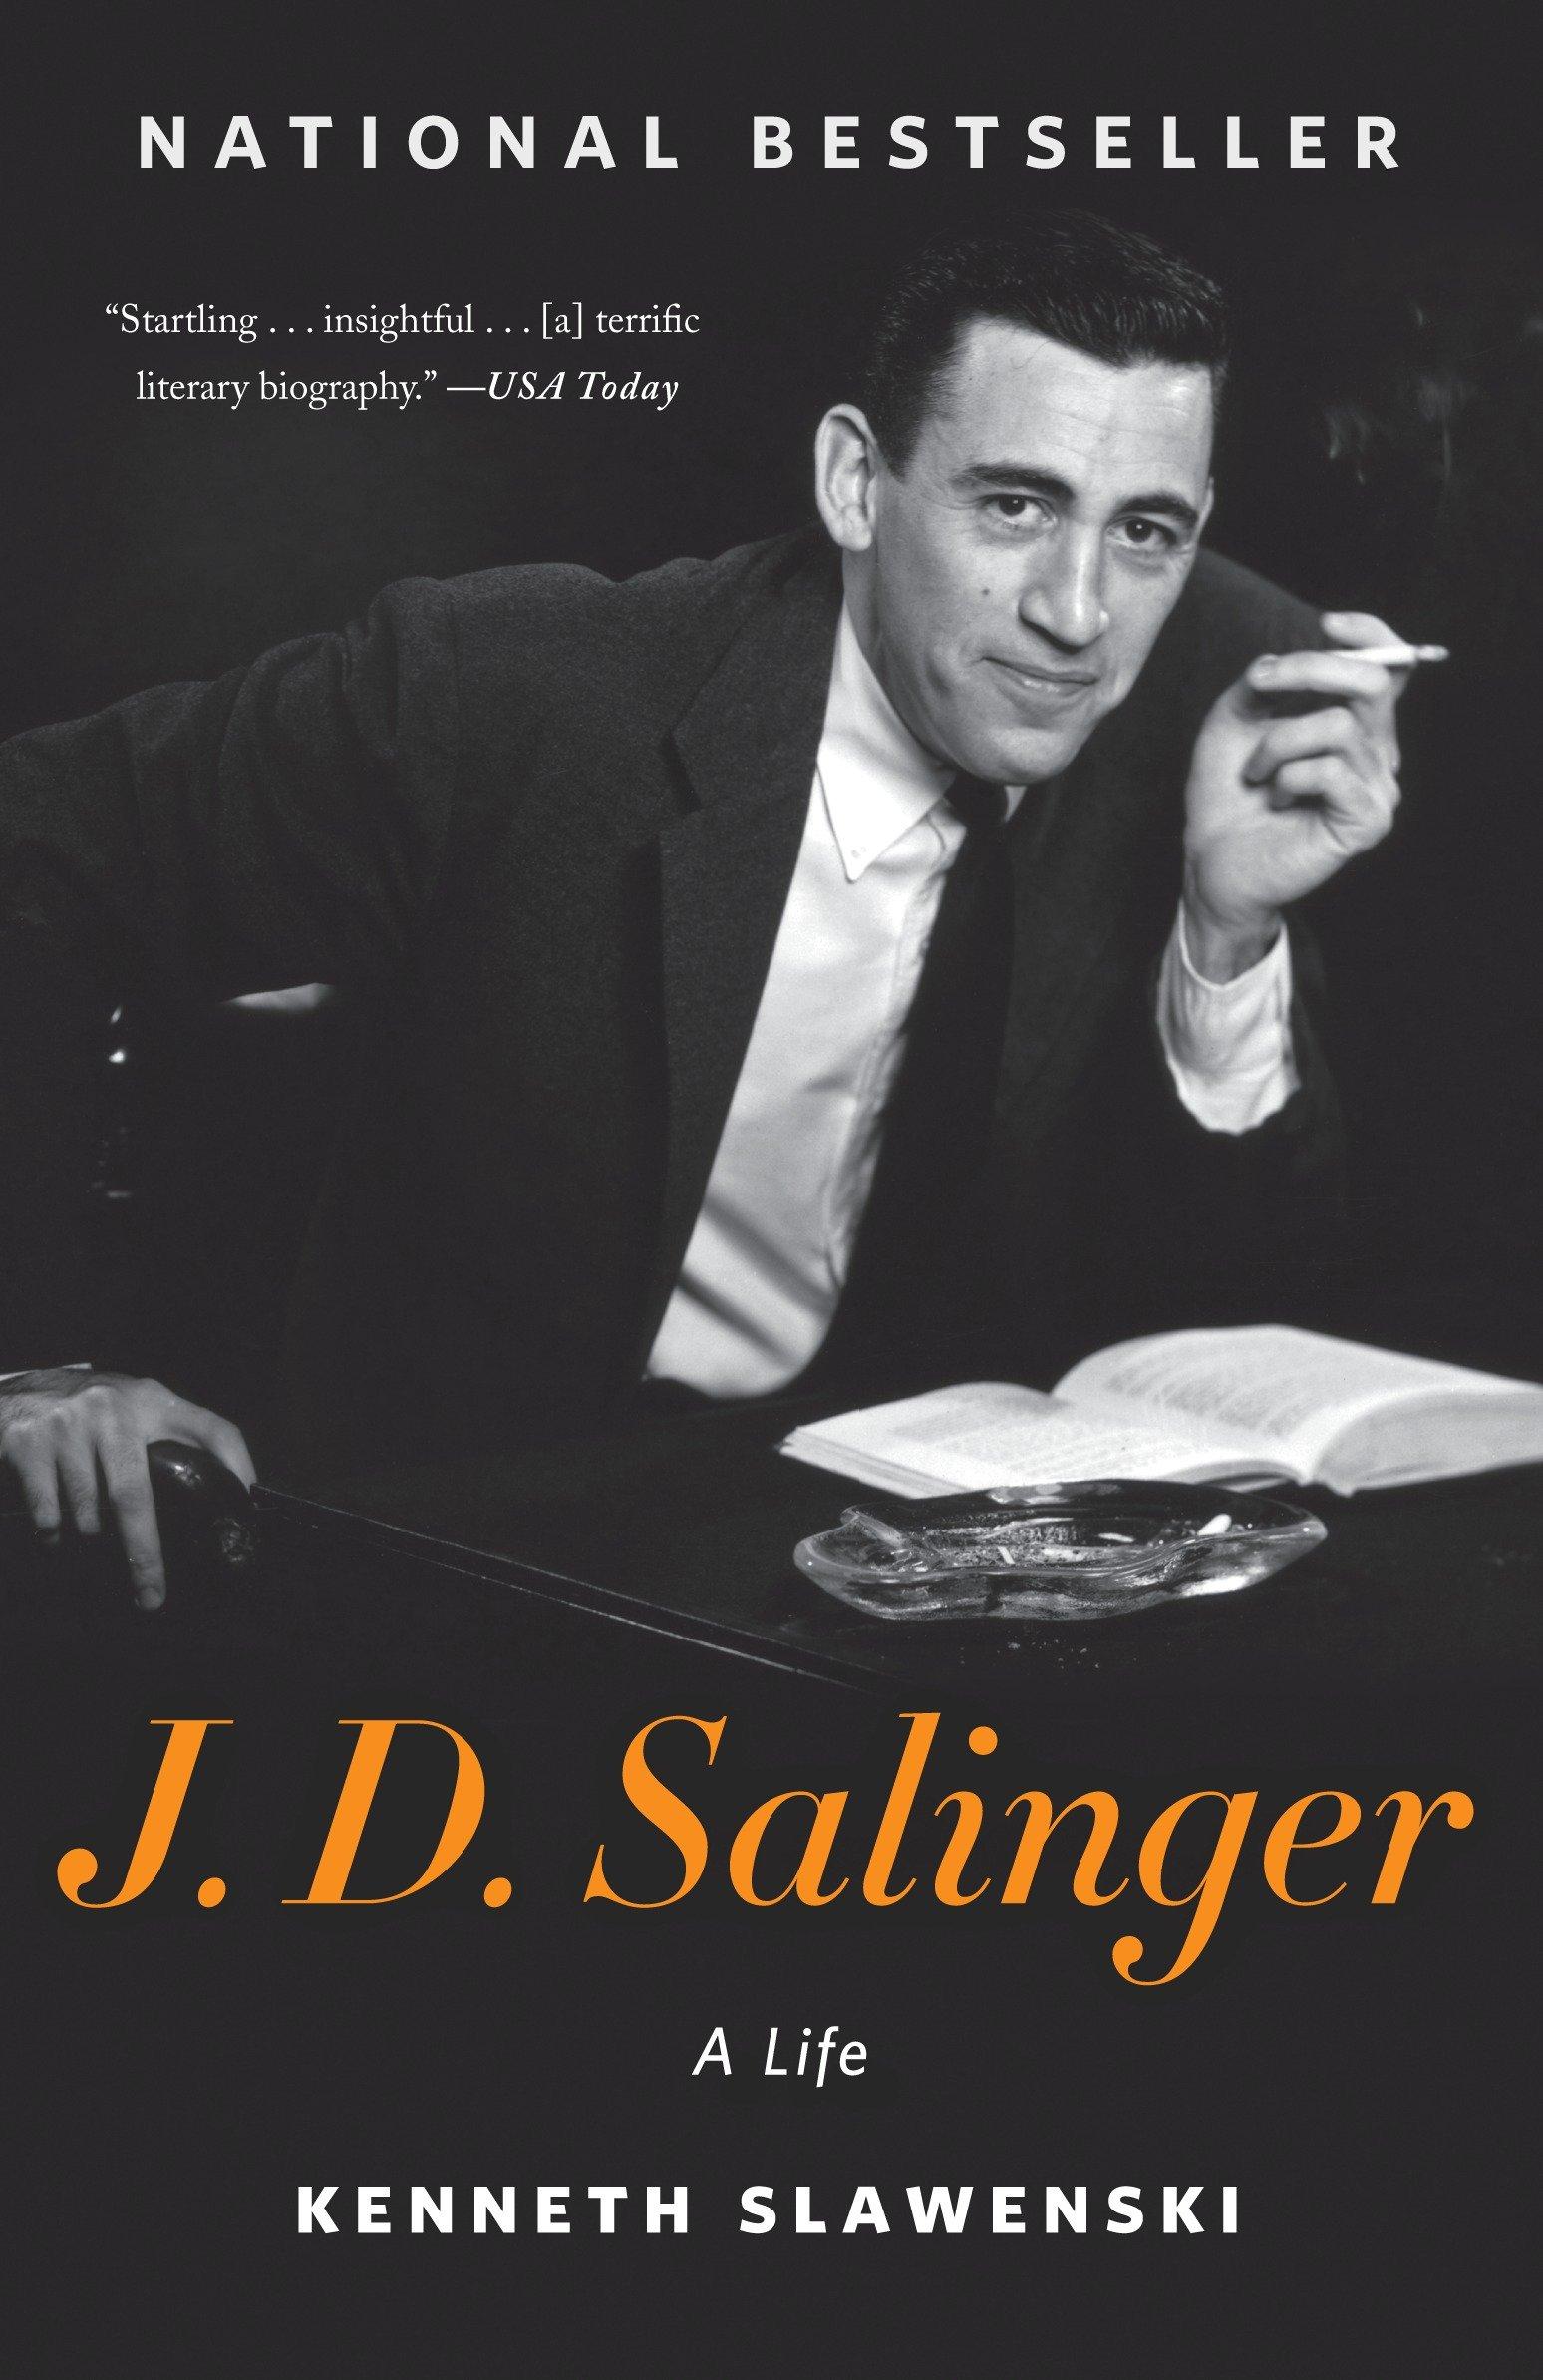 J. D. Salinger a life